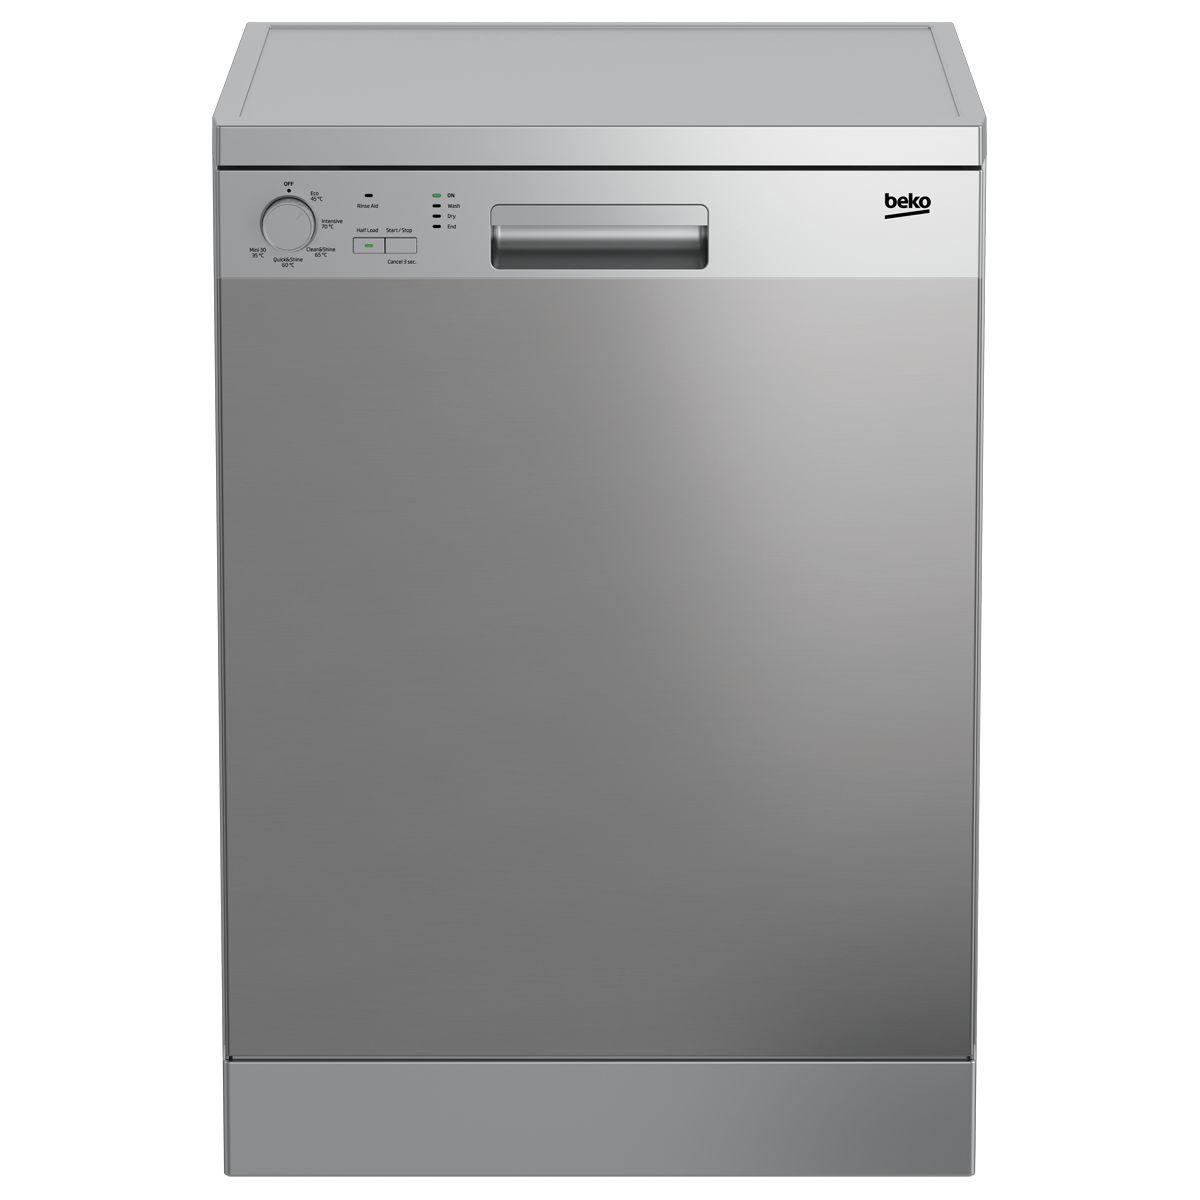 Lave vaisselle 60cm BEKO LVP 6252 (photo)